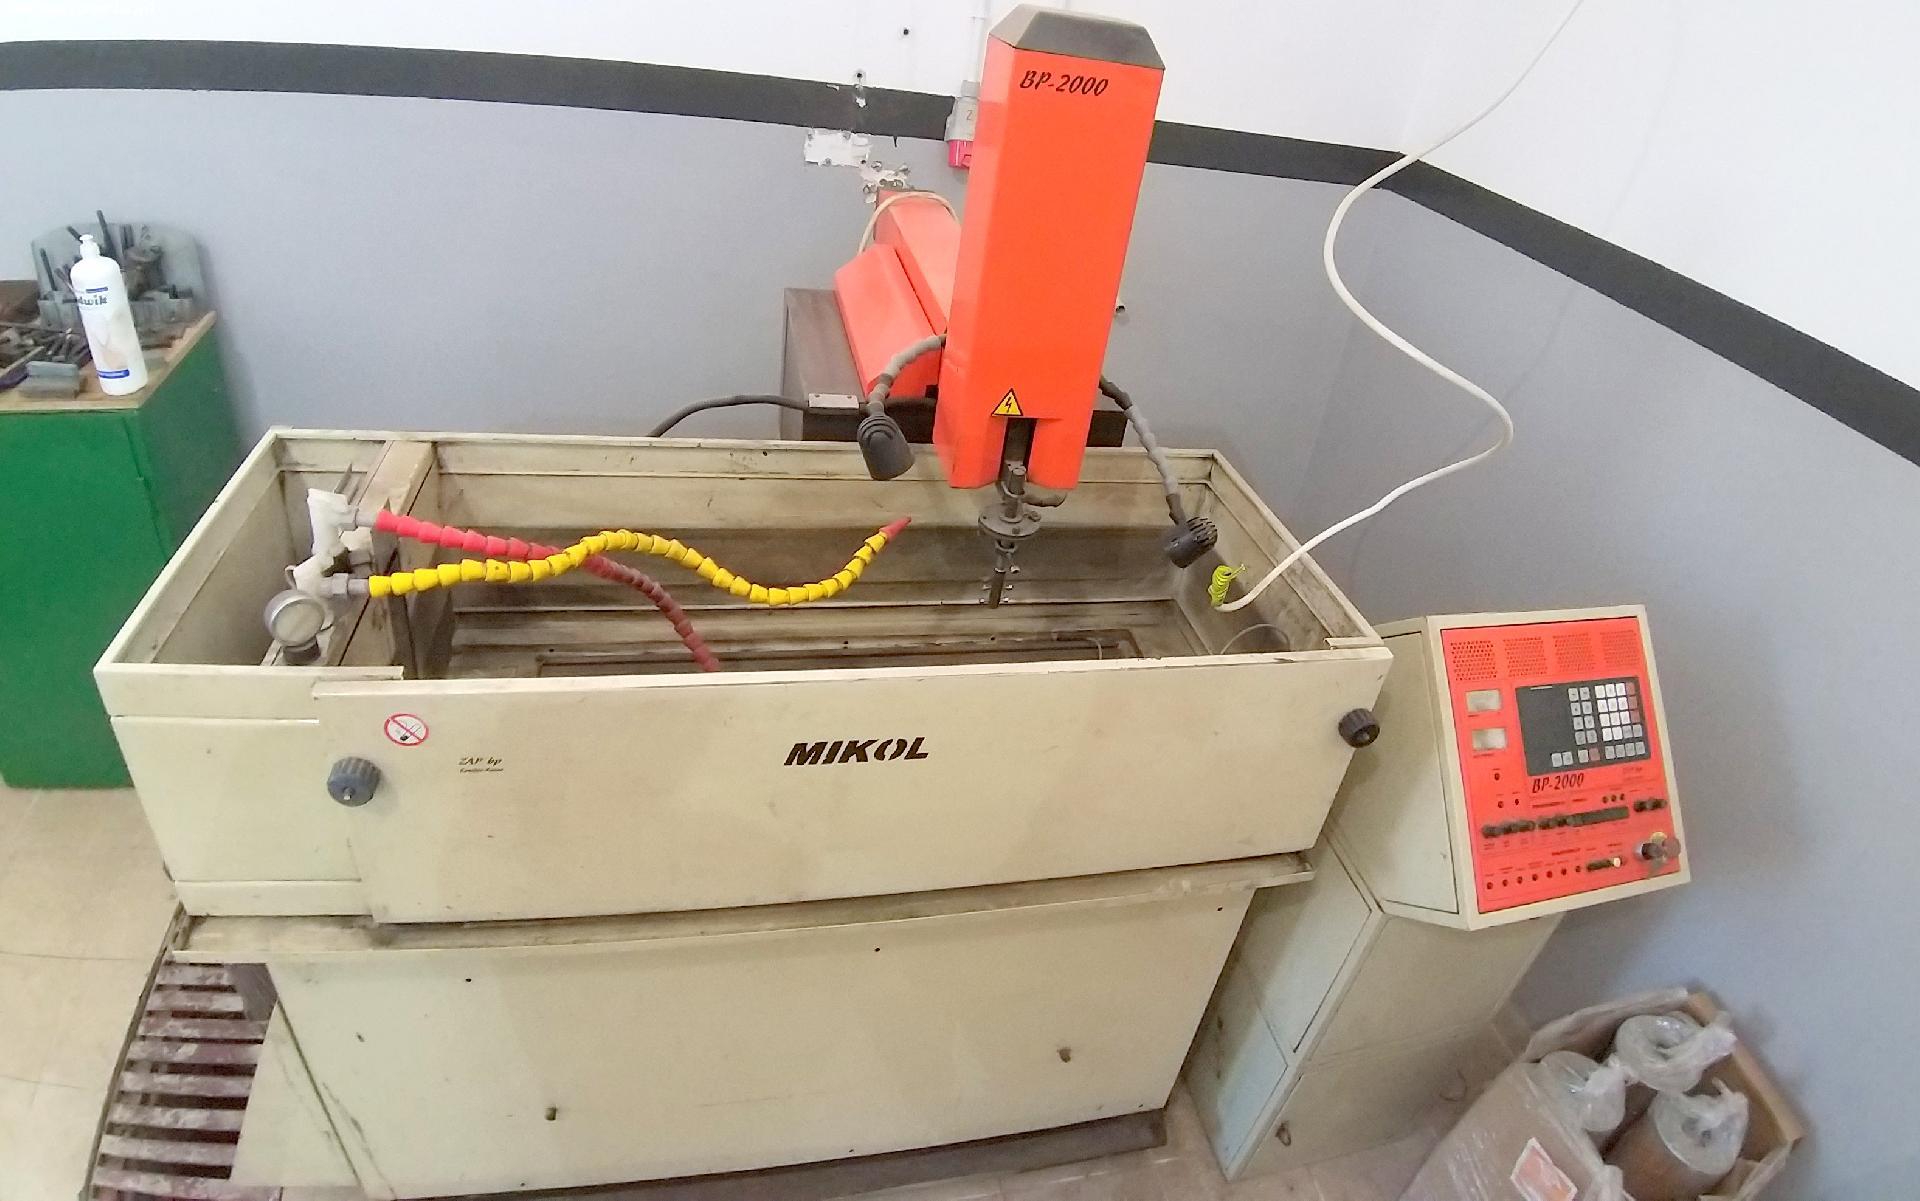 Macchina per elettroerosione a tuffo ZAP BP 2000 in vendita - foto 2